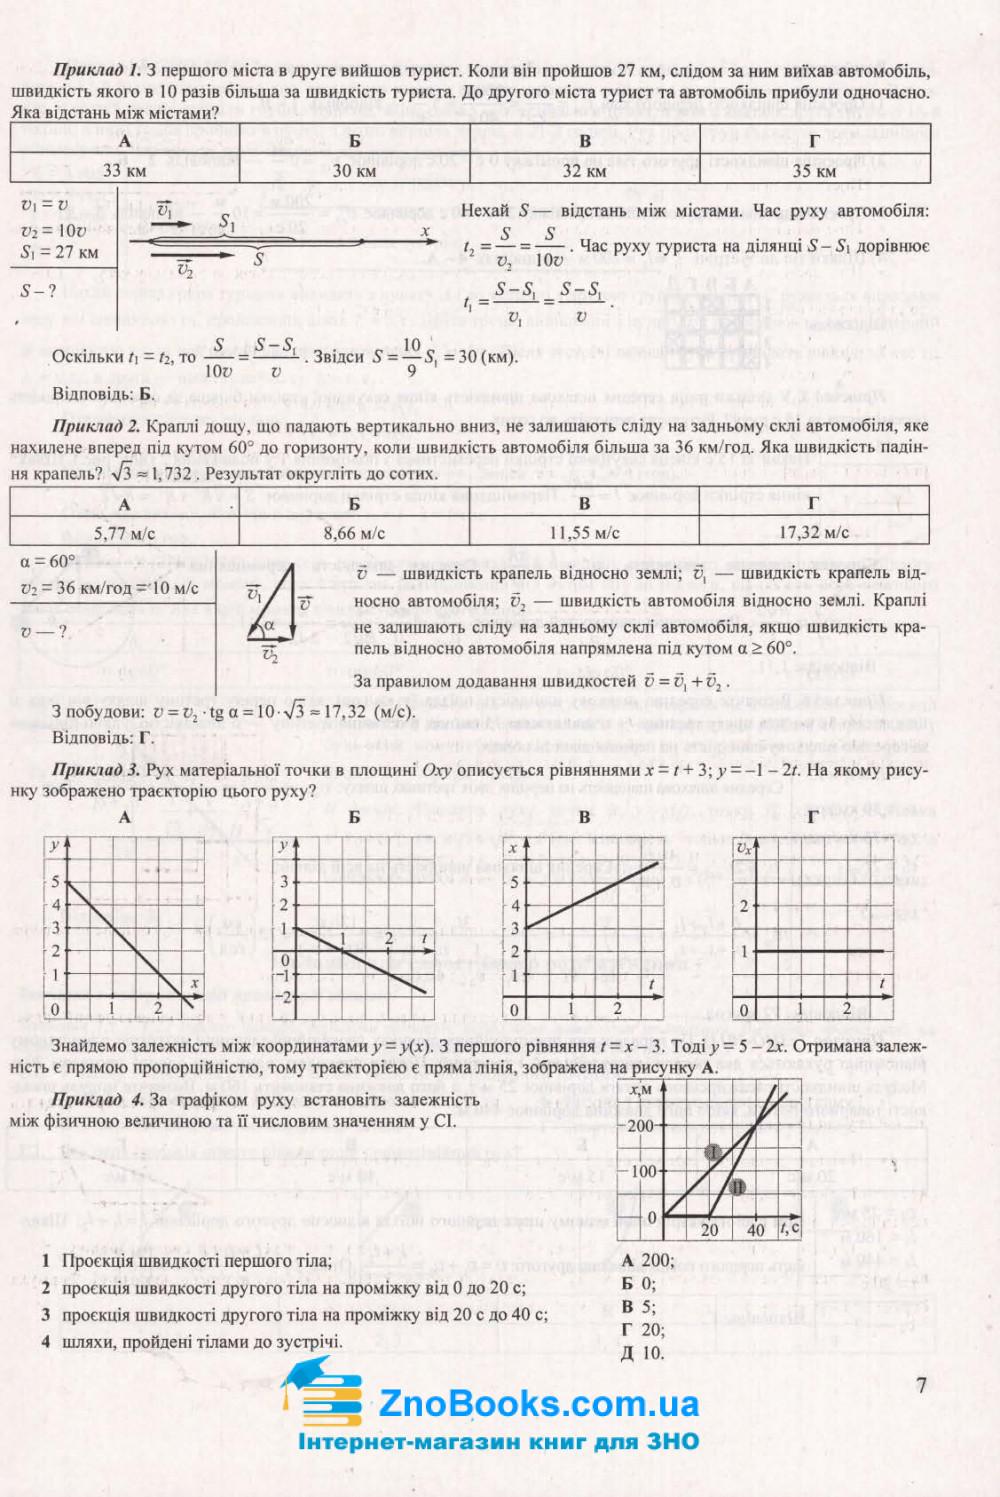 ЗНО 2021 Фізика. Комплексне видання : Струж Н. Підручники і посібники. купити 7